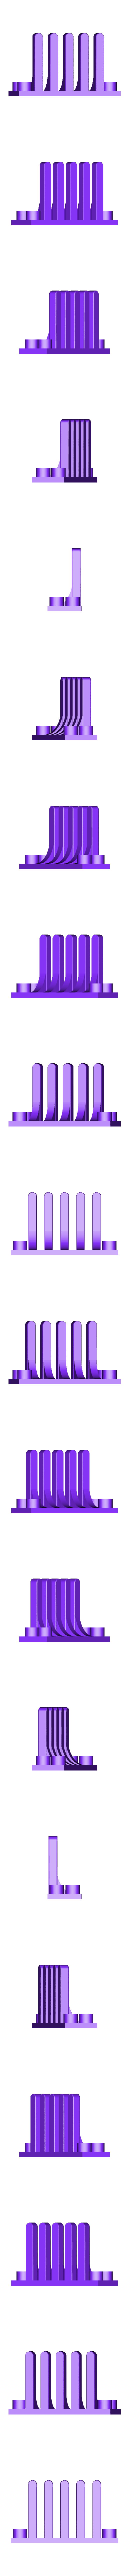 Laborleitungshalter_4mm_Magnet.stl Télécharger fichier STL gratuit support magnétique pour ligne de mesure • Modèle à imprimer en 3D, pgraaff